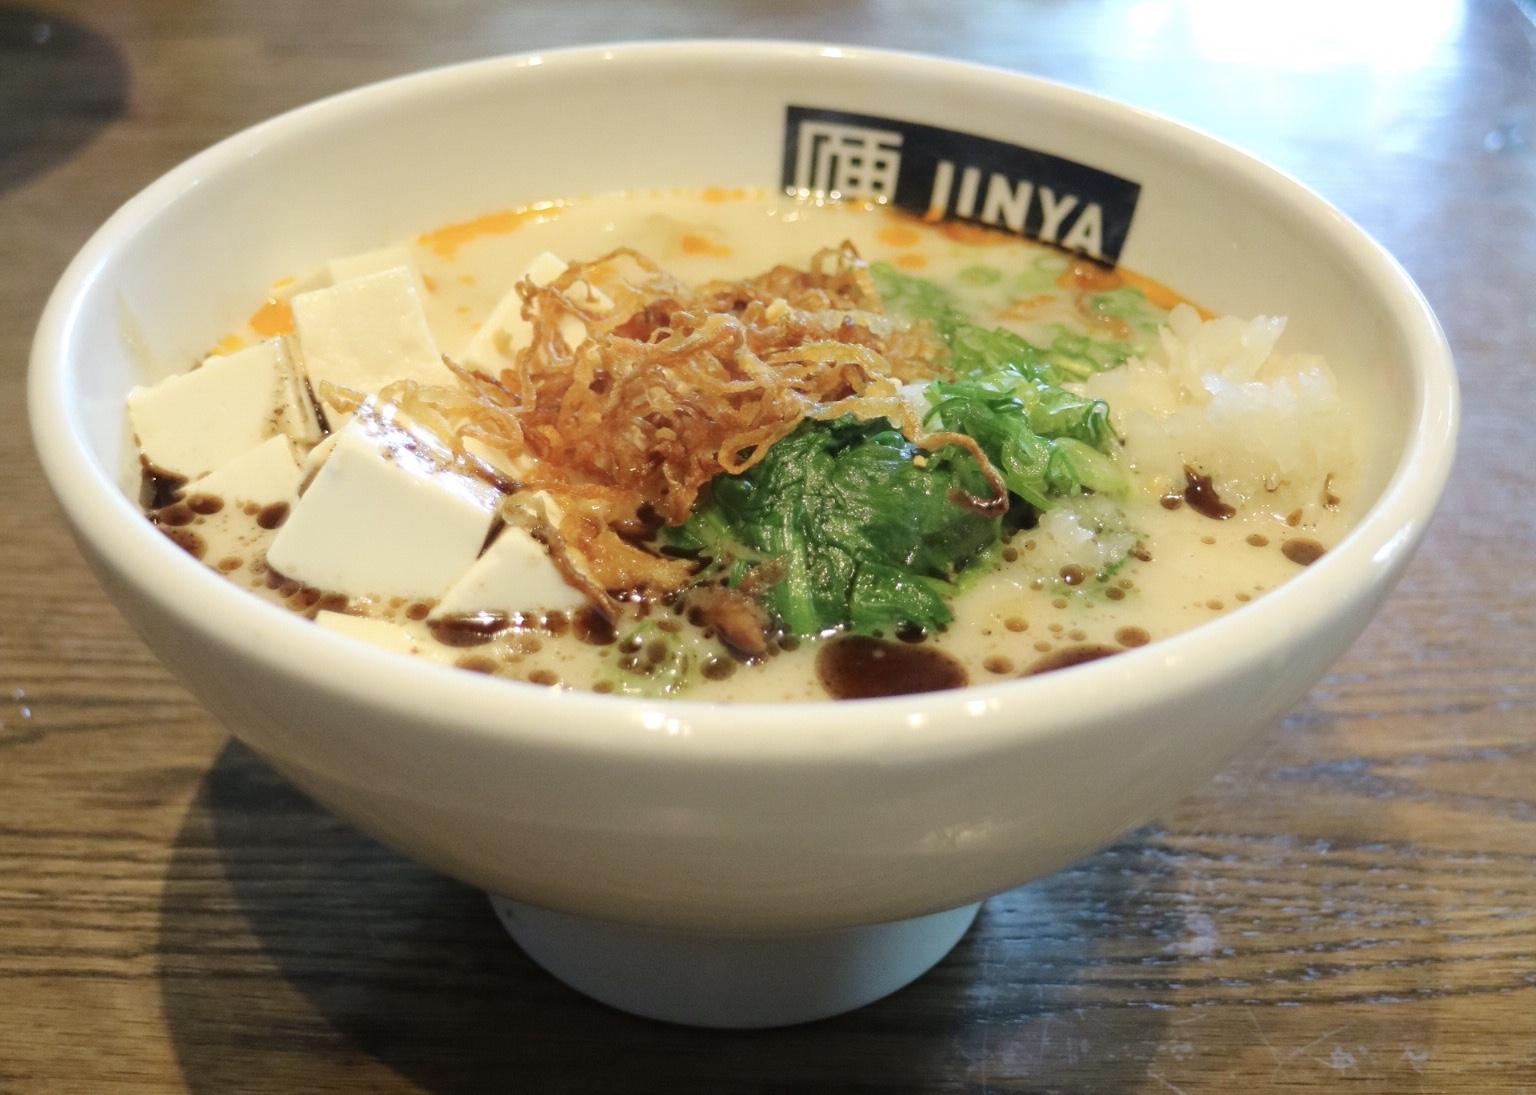 Creamy Tofu Vega Ramen